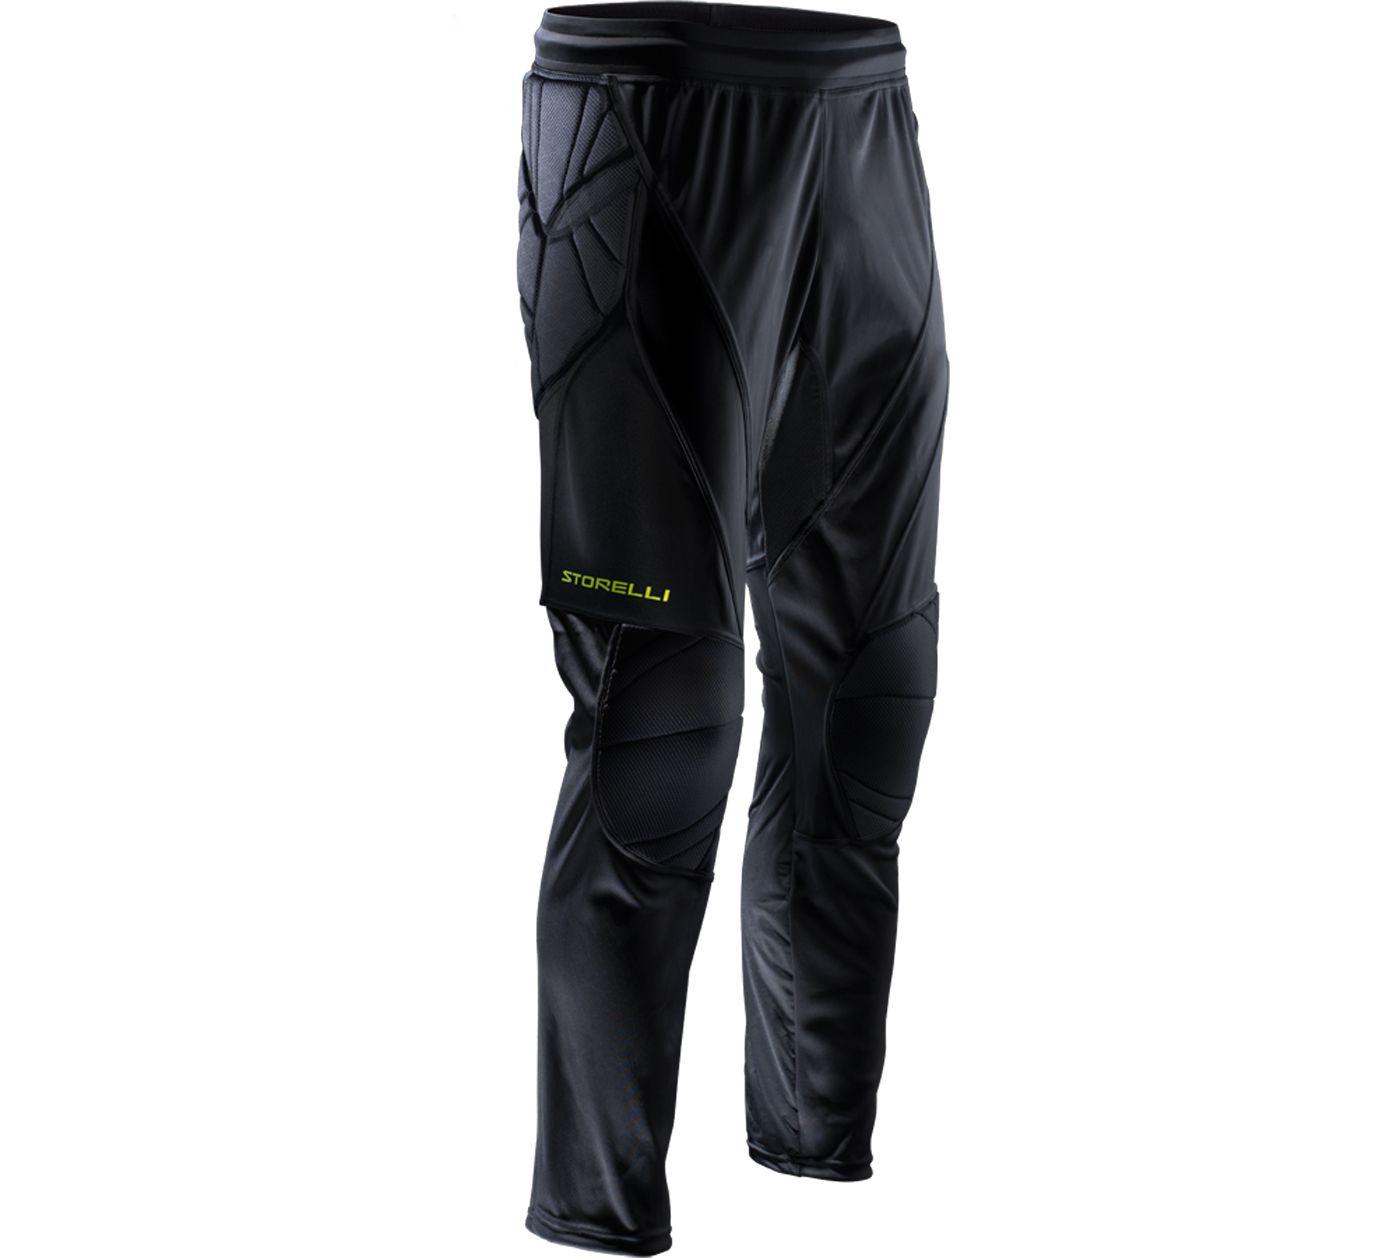 Storelli Exoshield GK Adult Soccer Pants